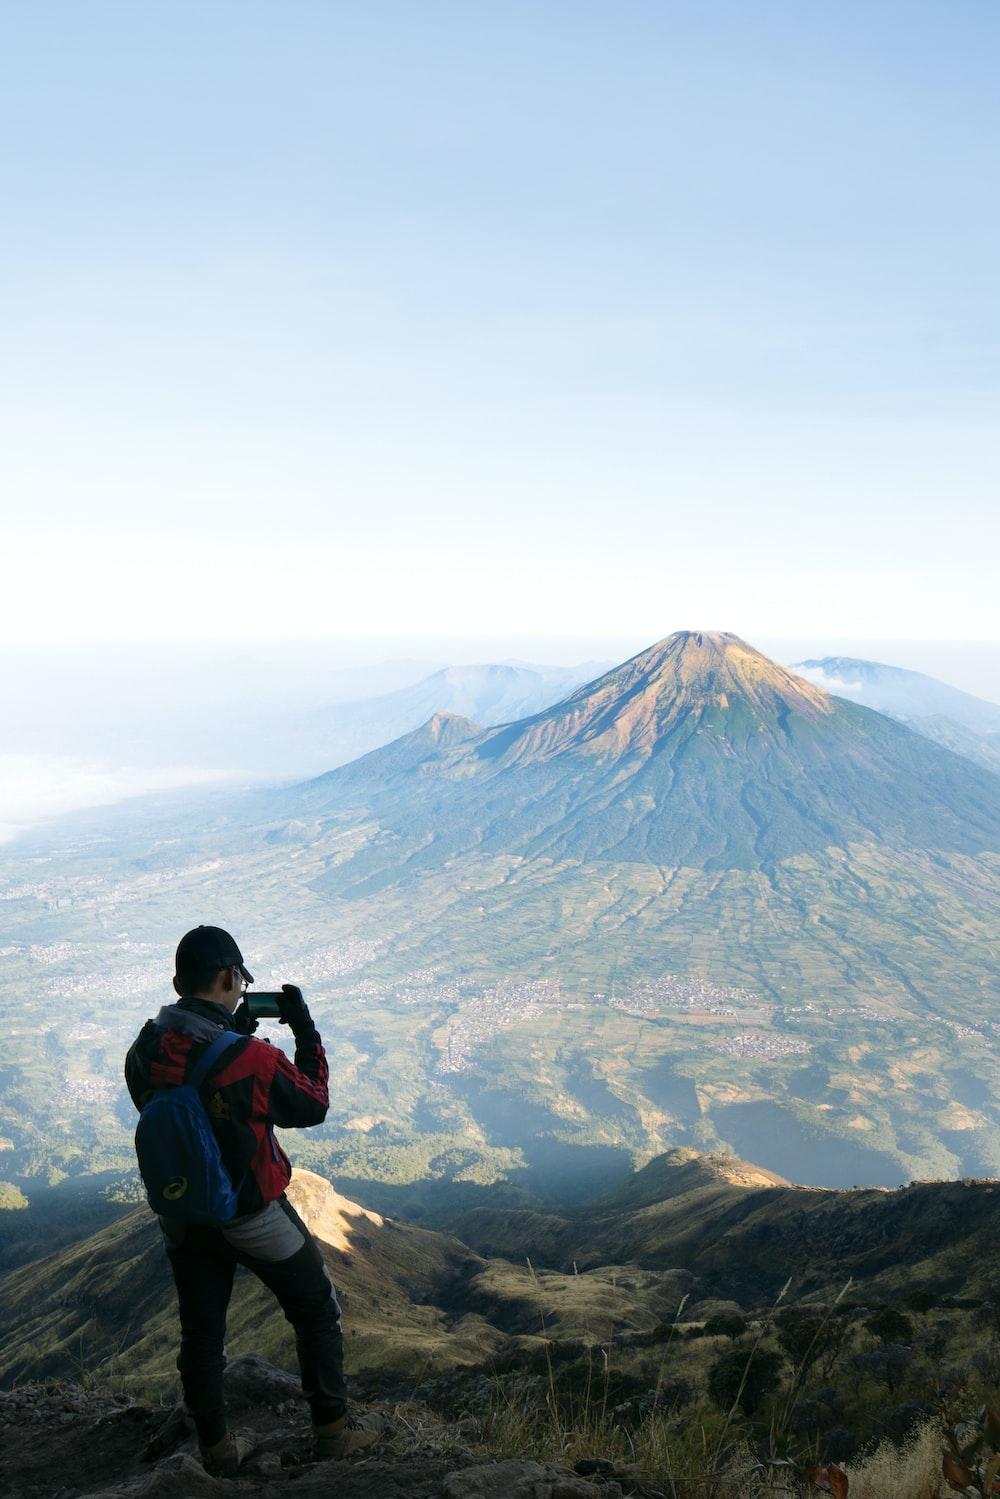 man in blue jacket taking photo of mountain during daytime